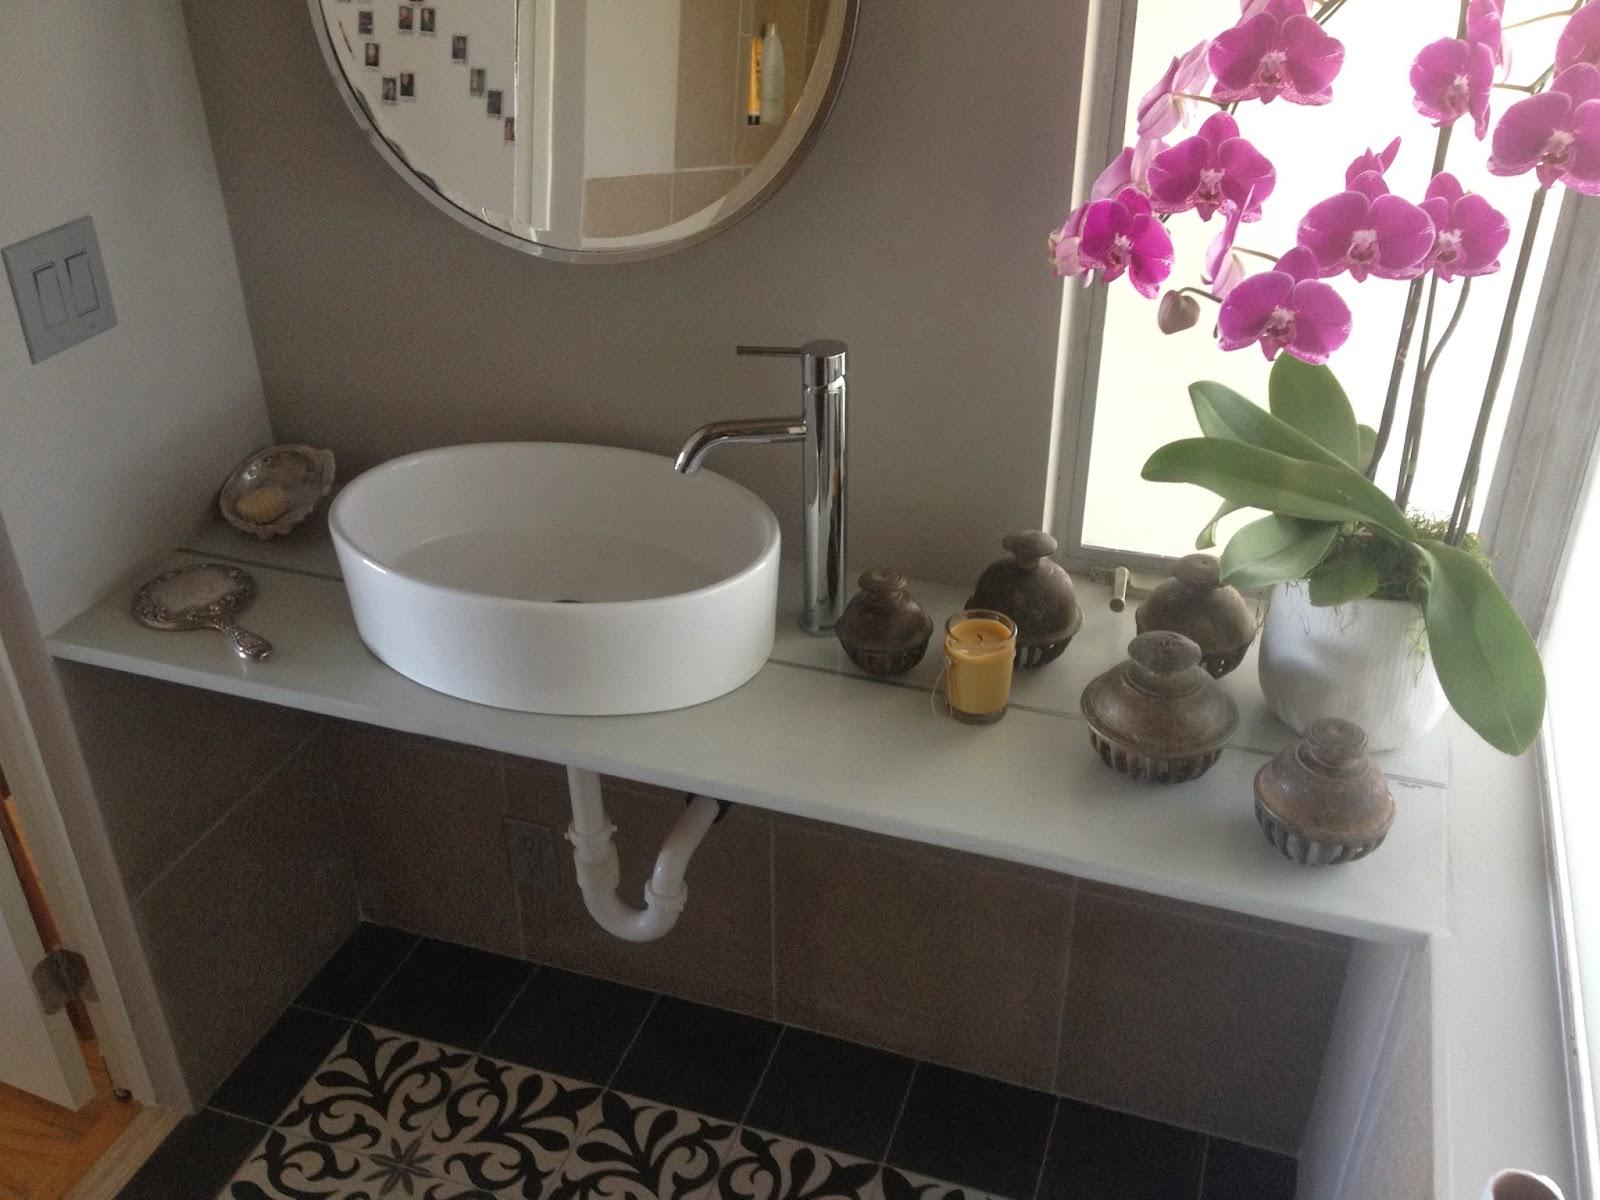 Linke Designs: Bathroom Table Top